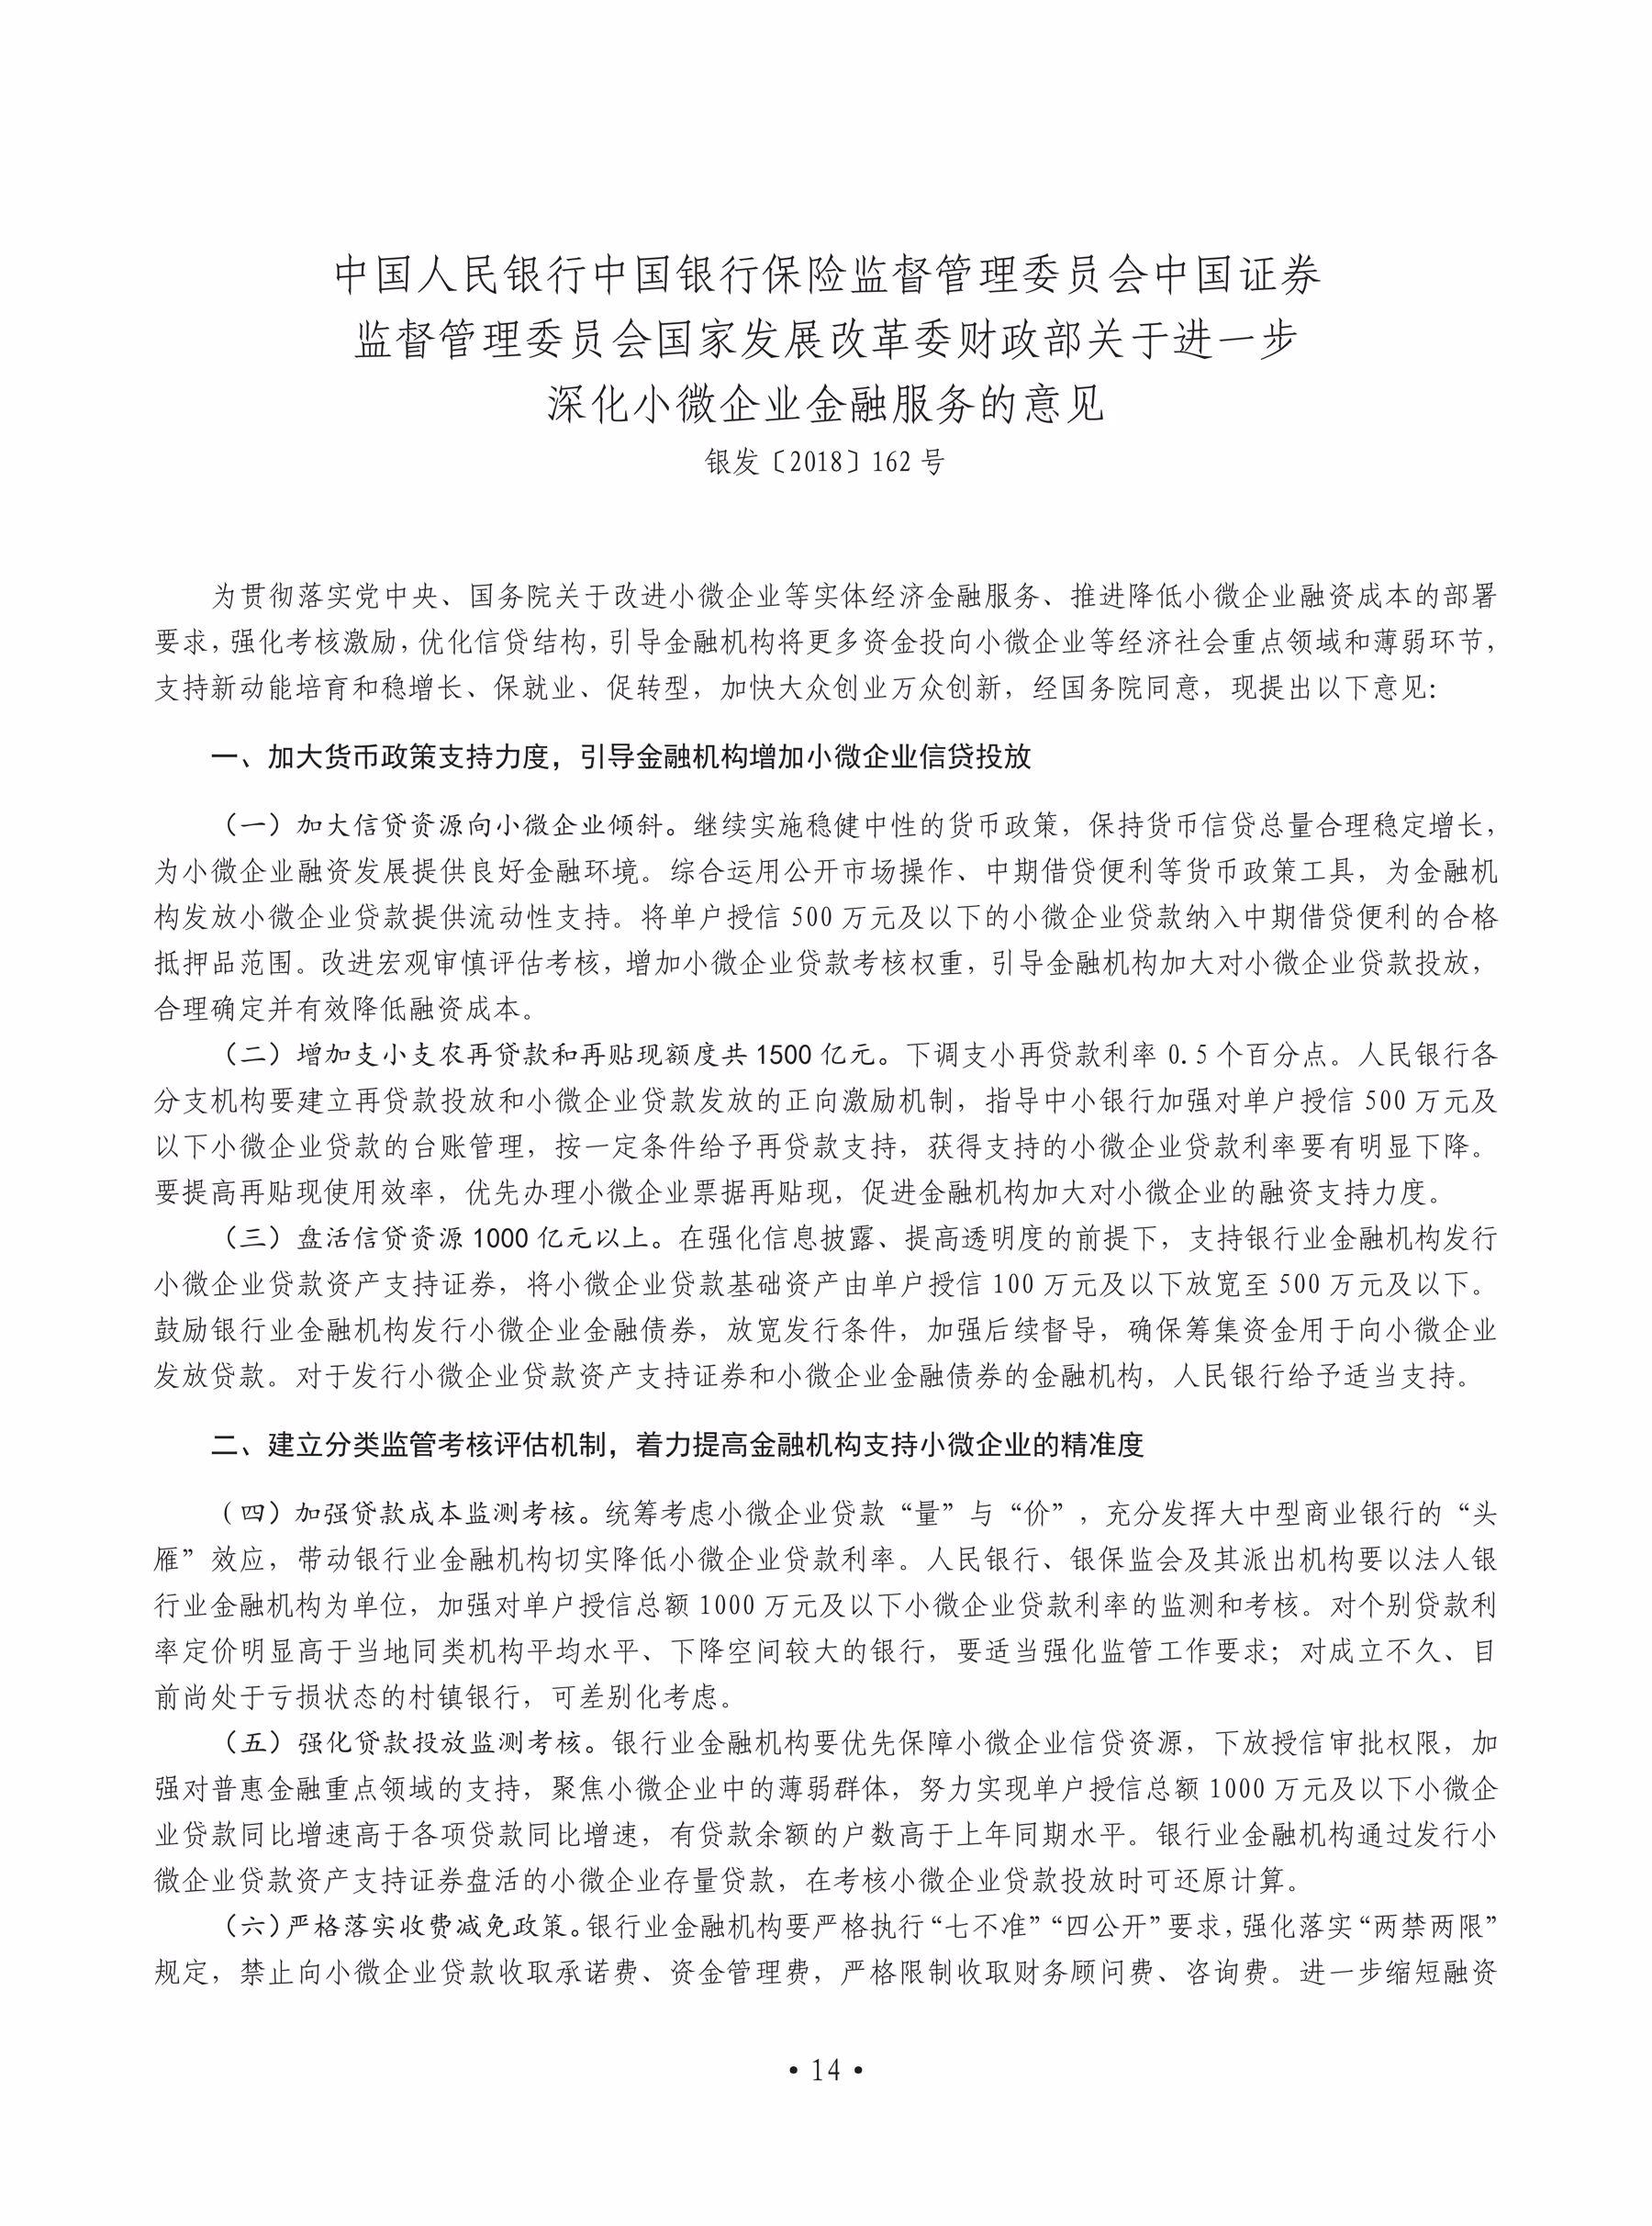 促进中小企业发展政策 11.12(确认印刷)_17.jpg